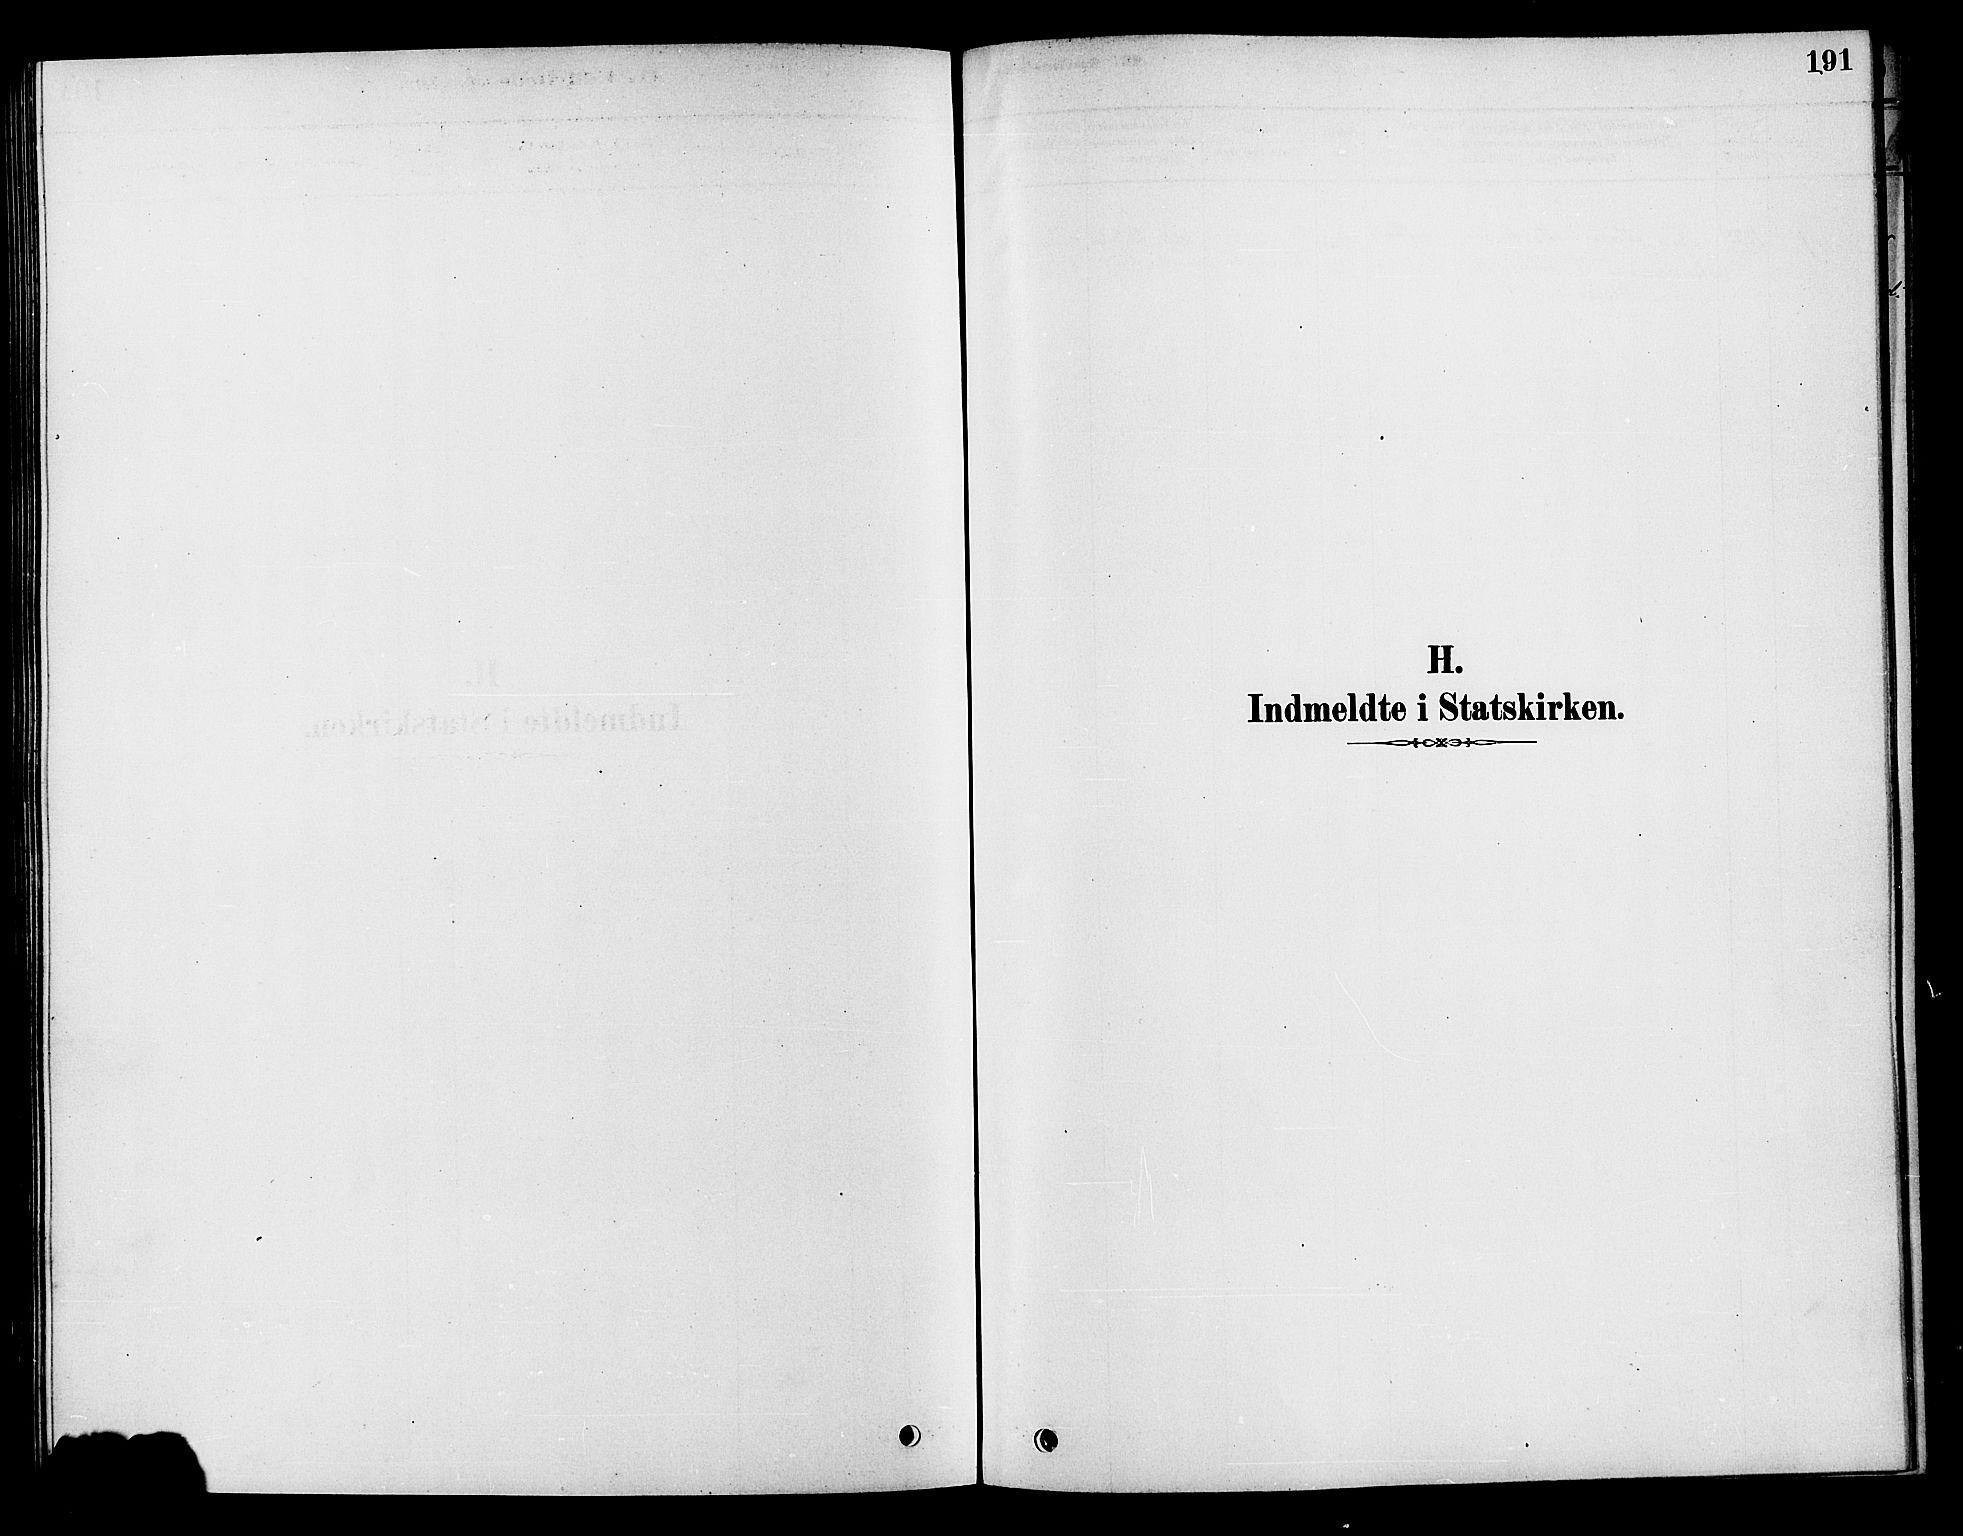 SAH, Søndre Land prestekontor, K/L0002: Ministerialbok nr. 2, 1878-1894, s. 191